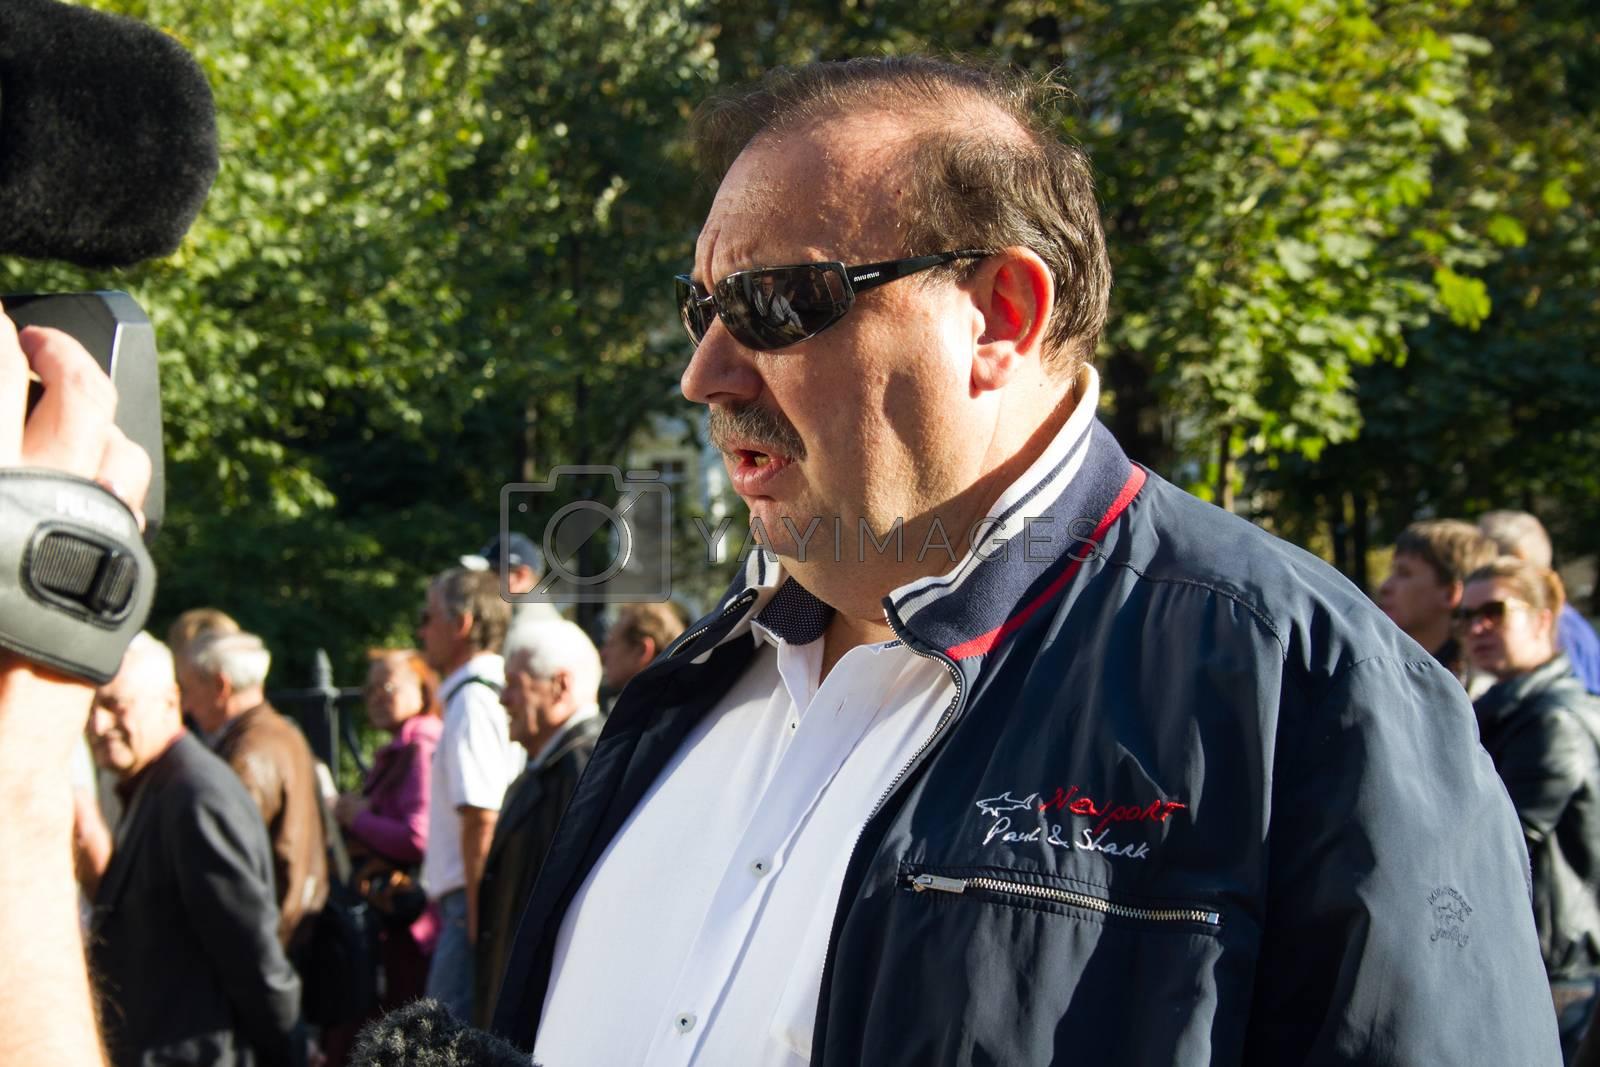 Royalty free image of Politician Gennady Gudkov by olegkozyrev